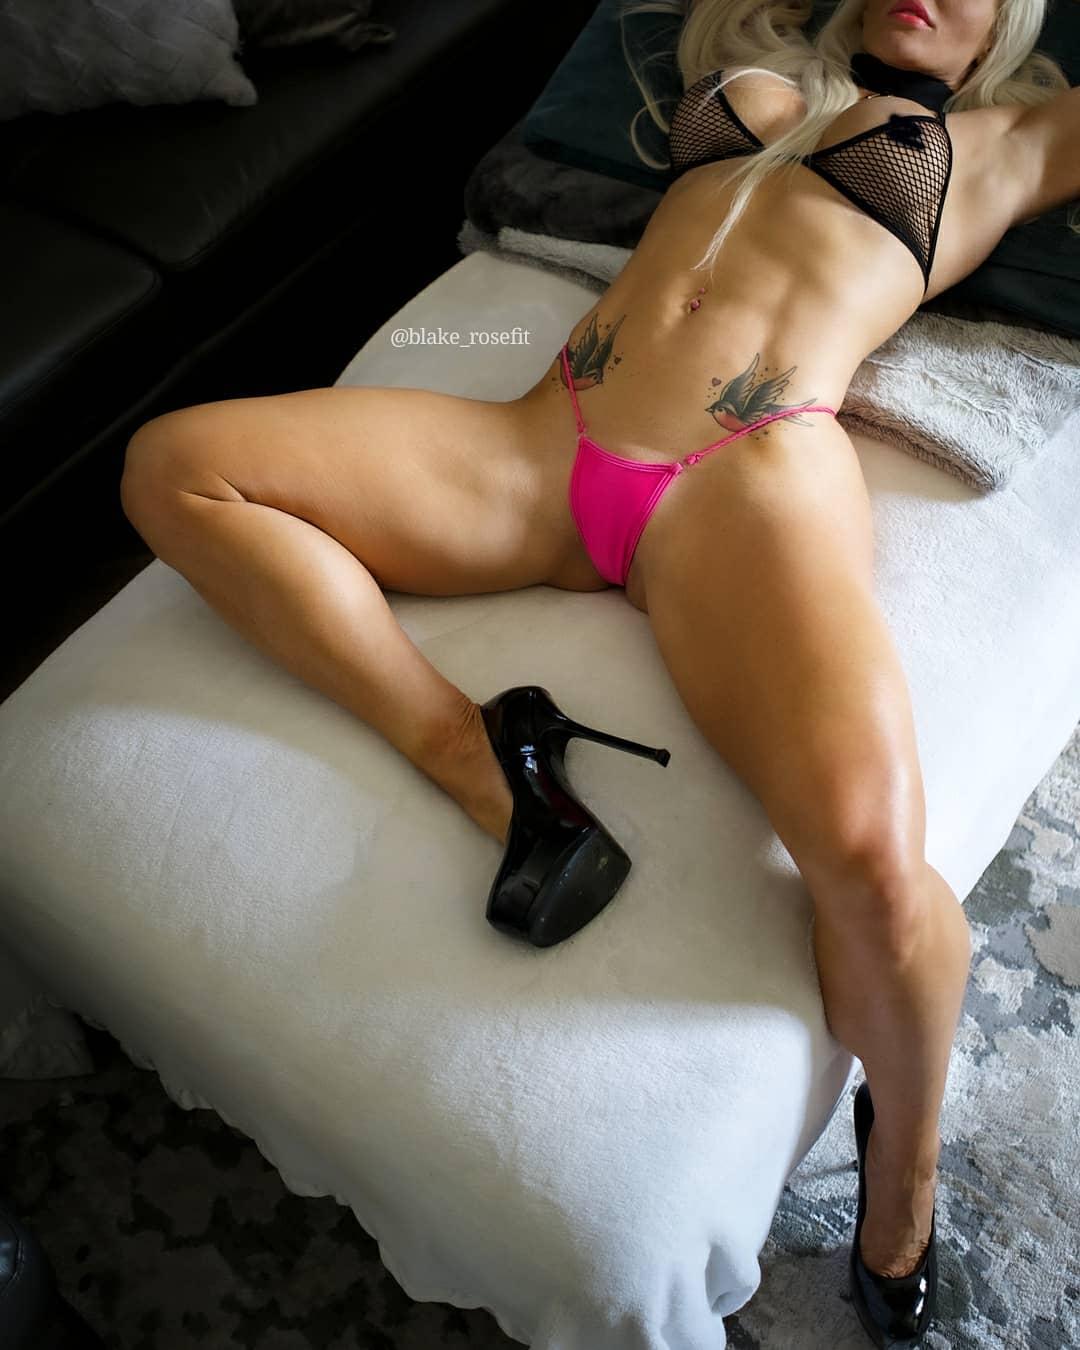 Blake Rose Nude Blake Rosefit Onlyfans Leaked! 0060